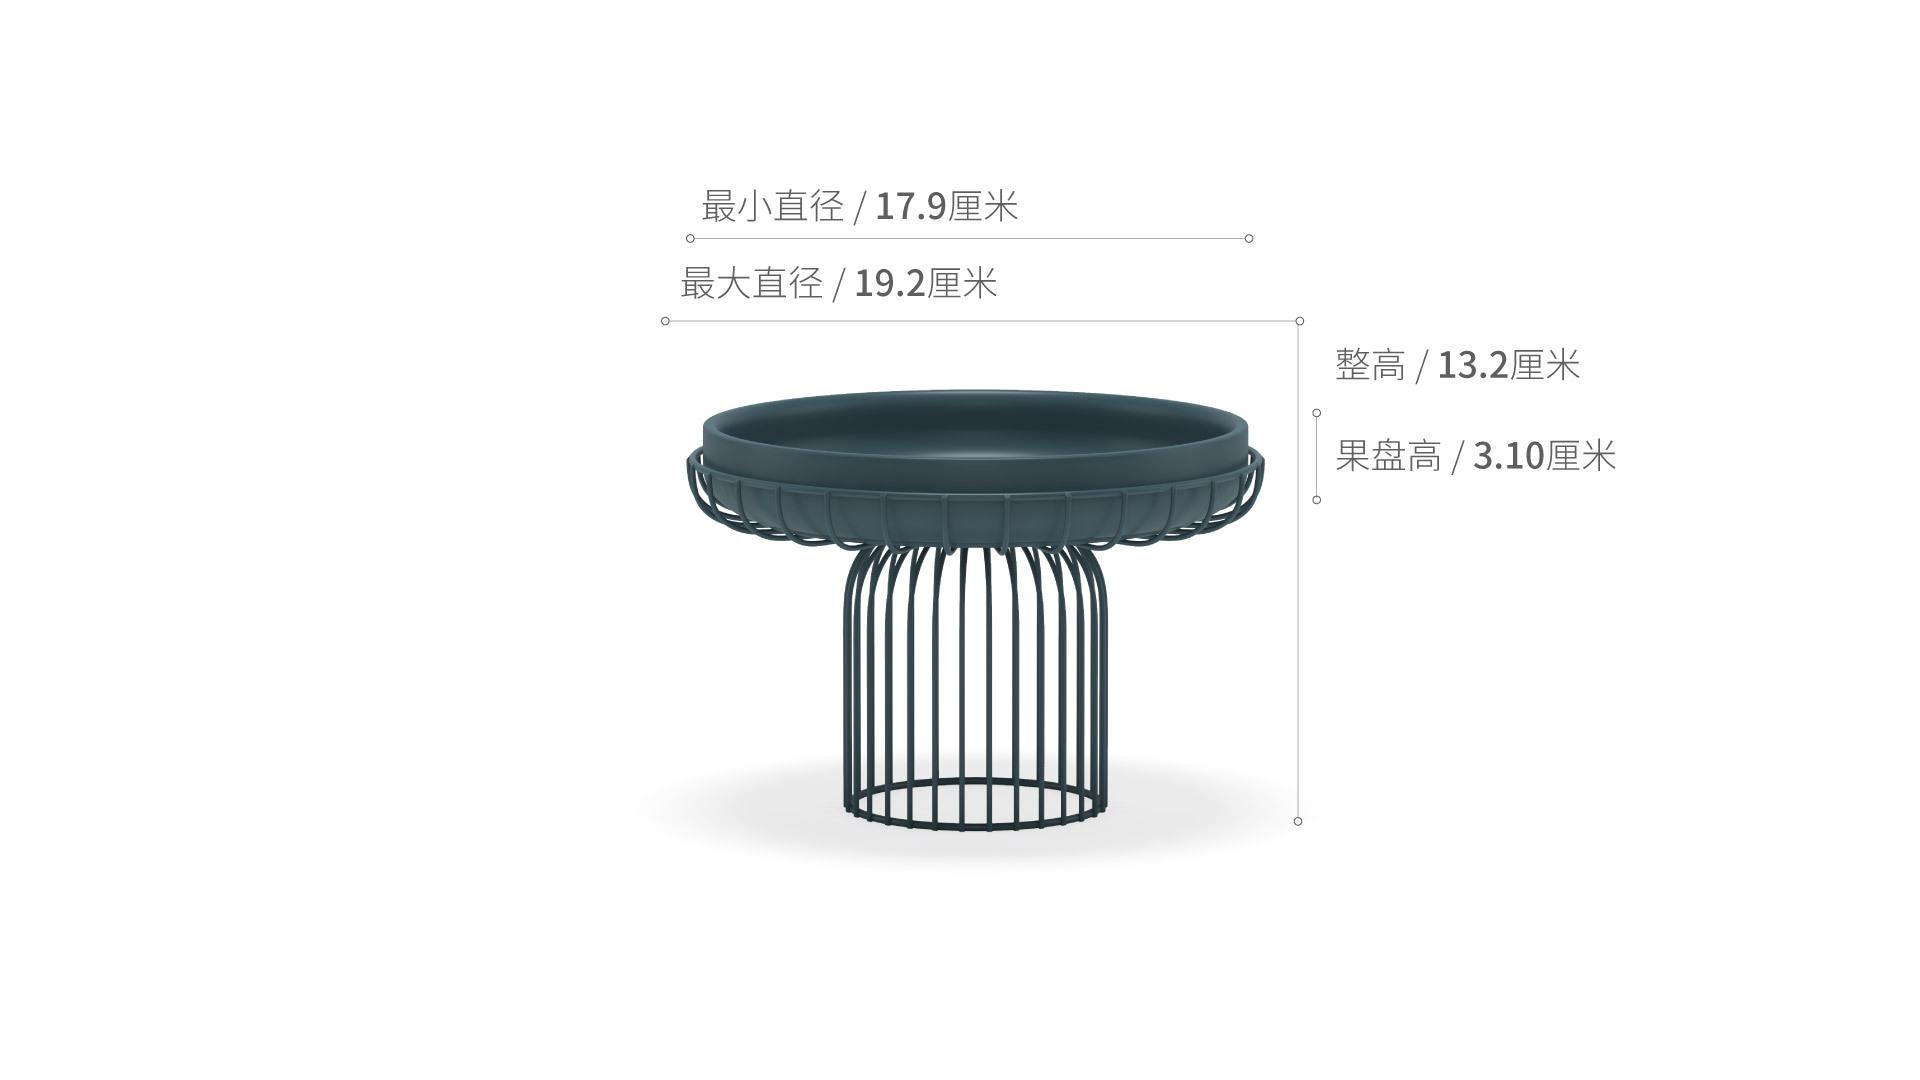 云籠果盤小號餐具效果圖